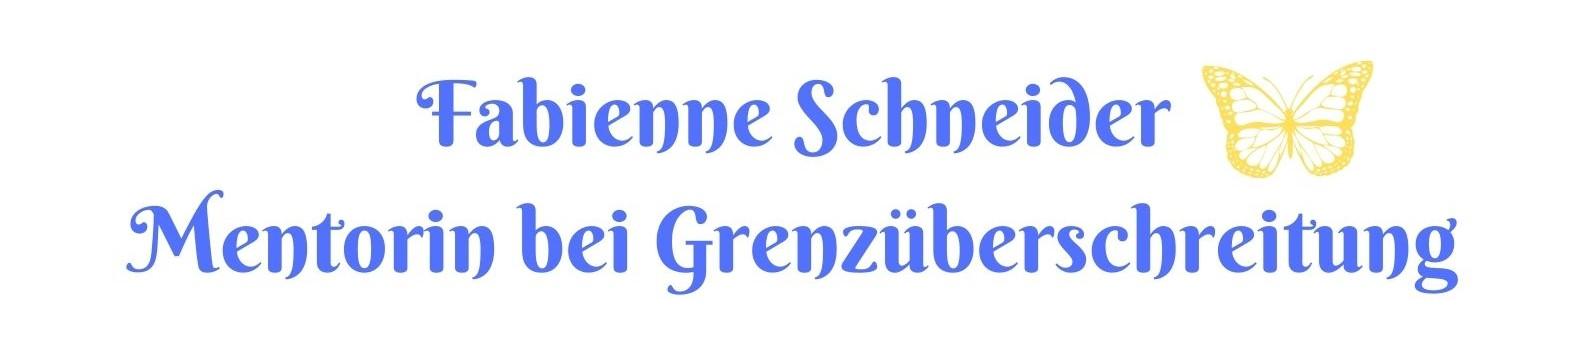 Fabienne Schneider Mentorin bei Grenzüberschreitungen